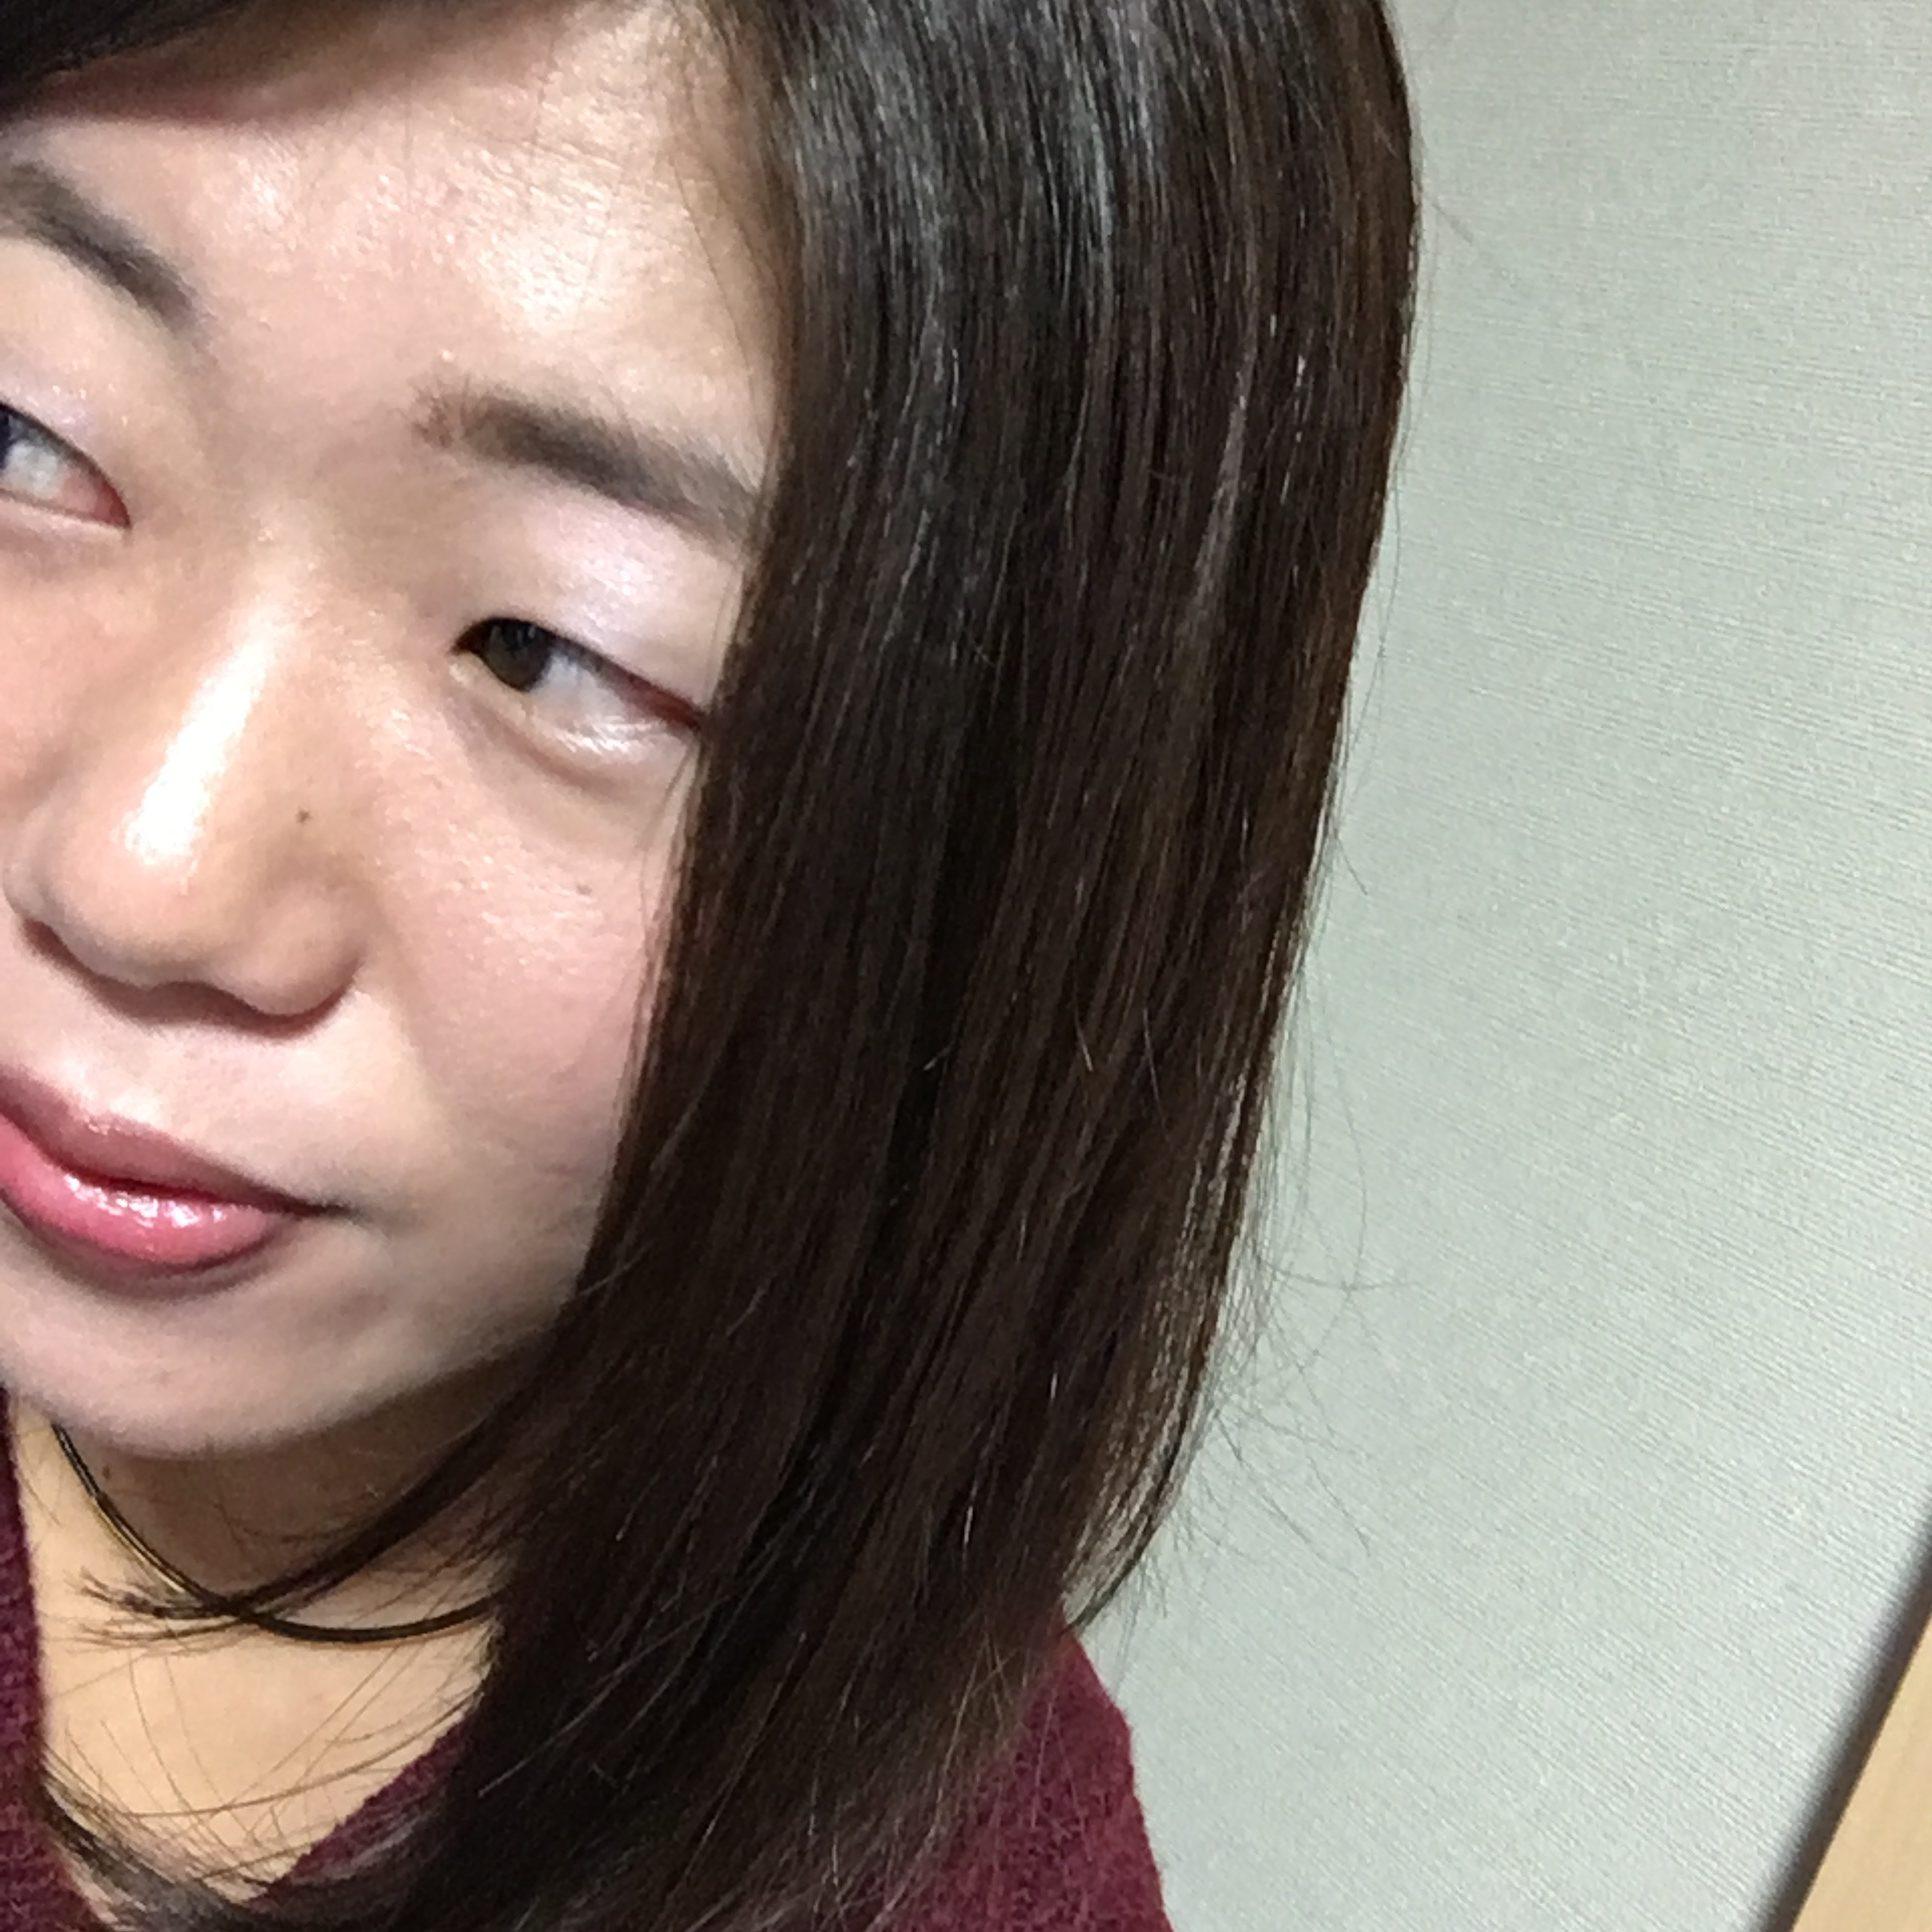 【取材】なぜこの名前に!?久我山駅から徒歩1分「文房具居酒屋 どろぼう堂」に行ってみた